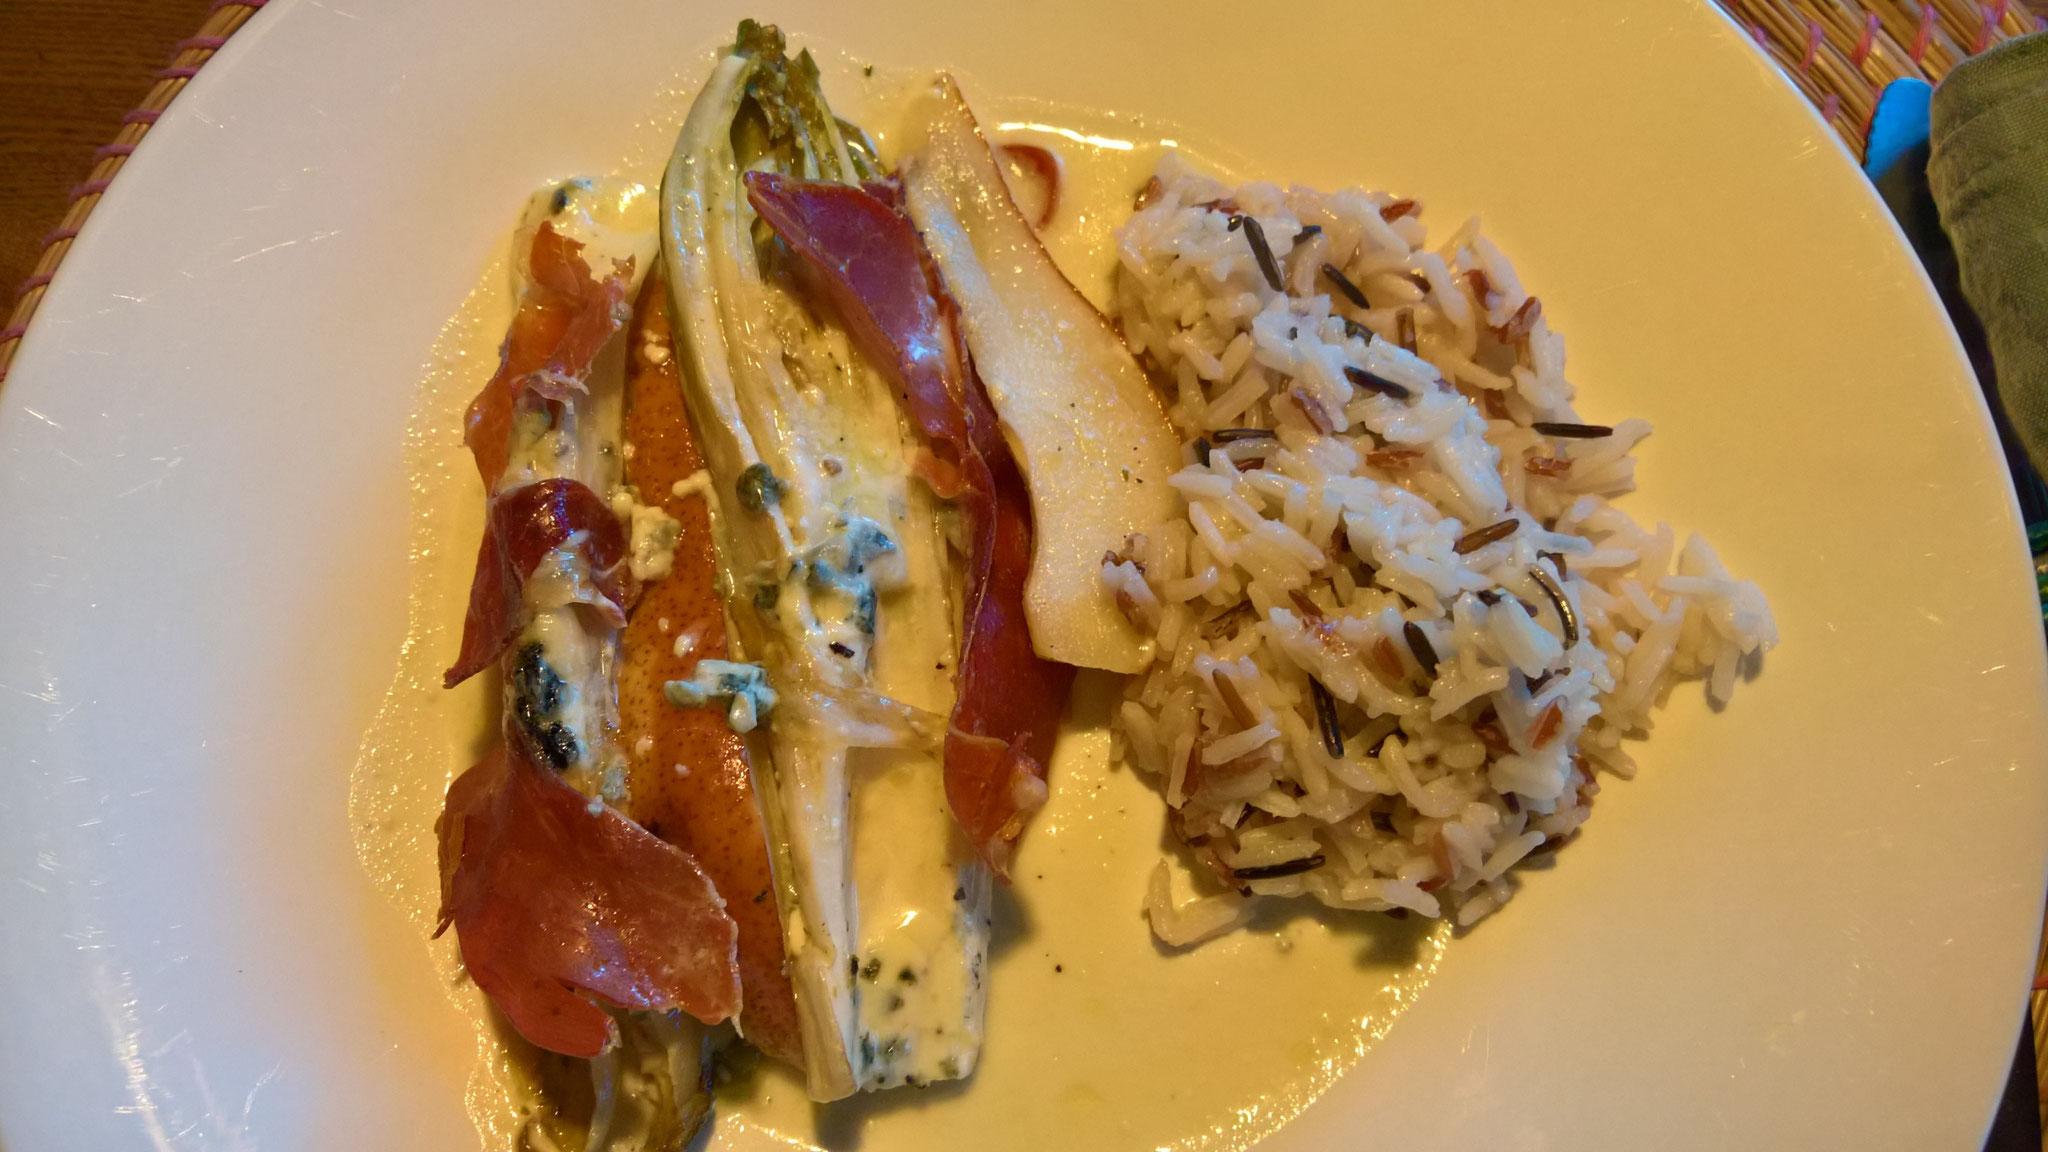 Chicorée aus dem Ofen, überbacken mit Landrauchschinken - jammi!